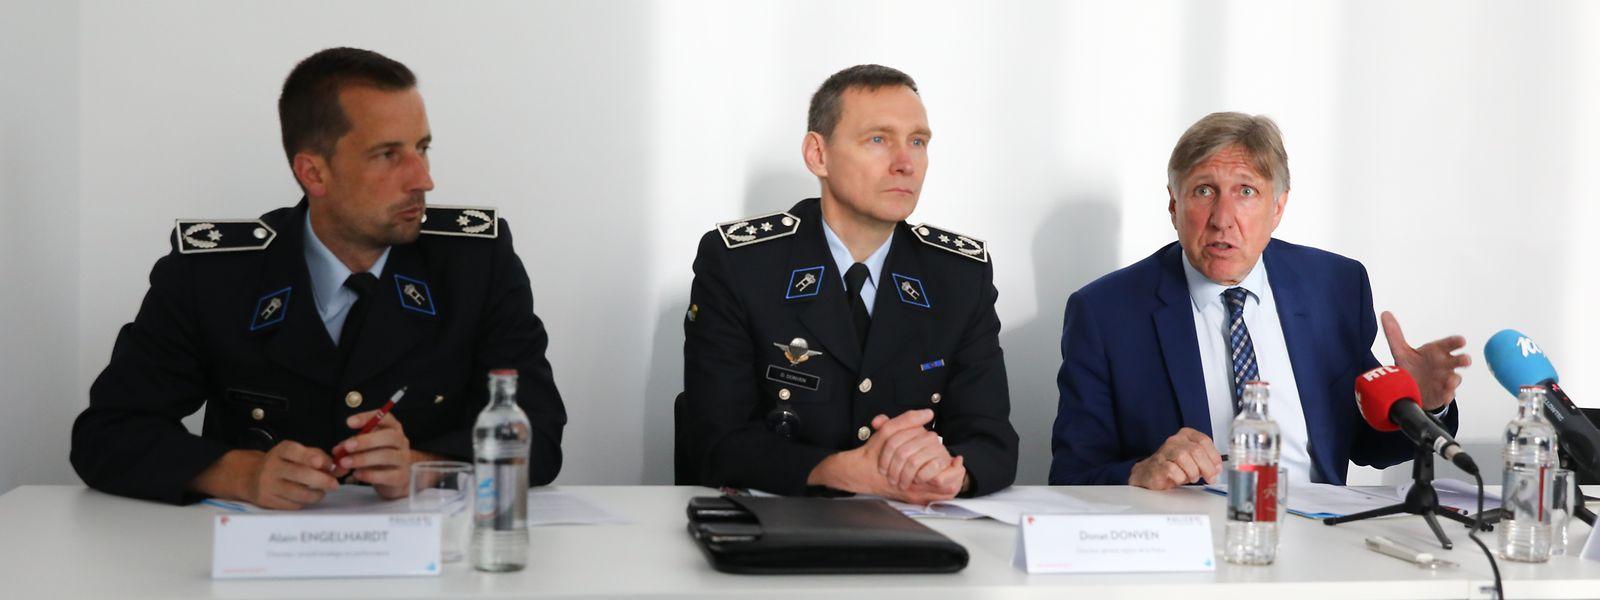 In den Jahren 2020, 2021 und 2022 wollen die Polizeiverantwortlichen neben der ordinären Rekrutierung eine substanzielle Zahl von zusätzlichen Polizeibeamten einstellen.